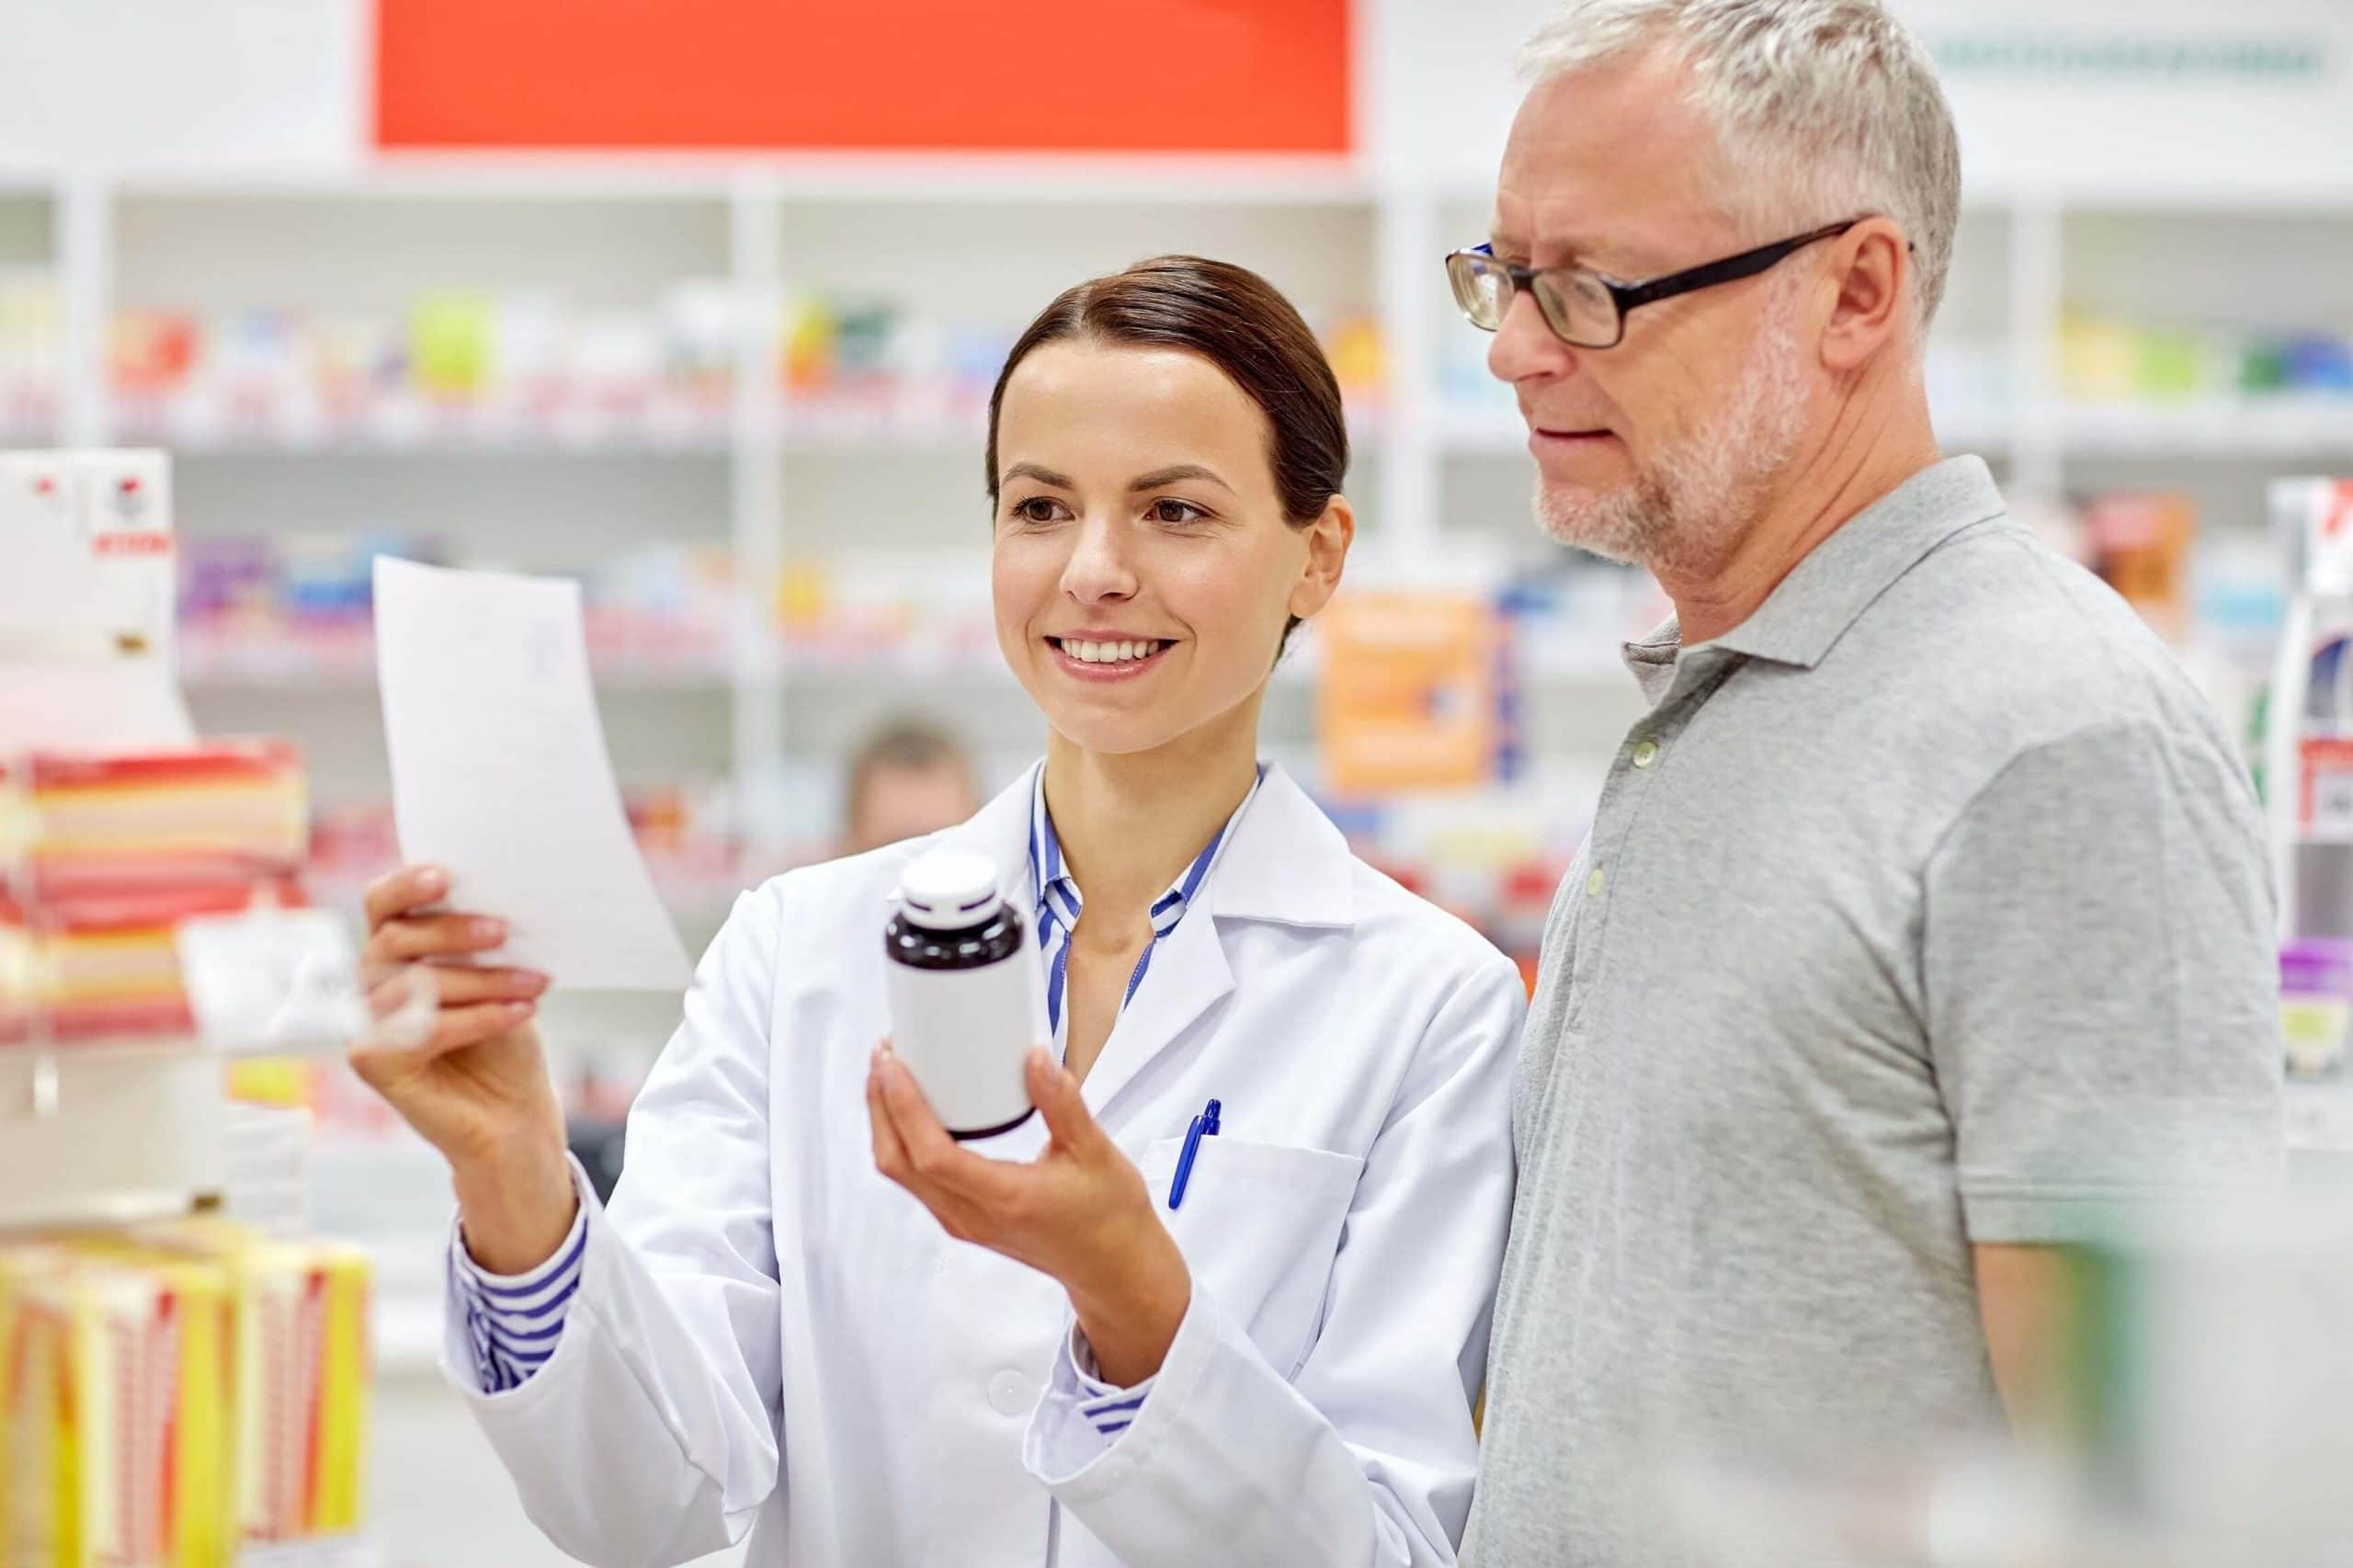 Фармацевт в аптеке показывает мужчине лист и пузырек с лекарством